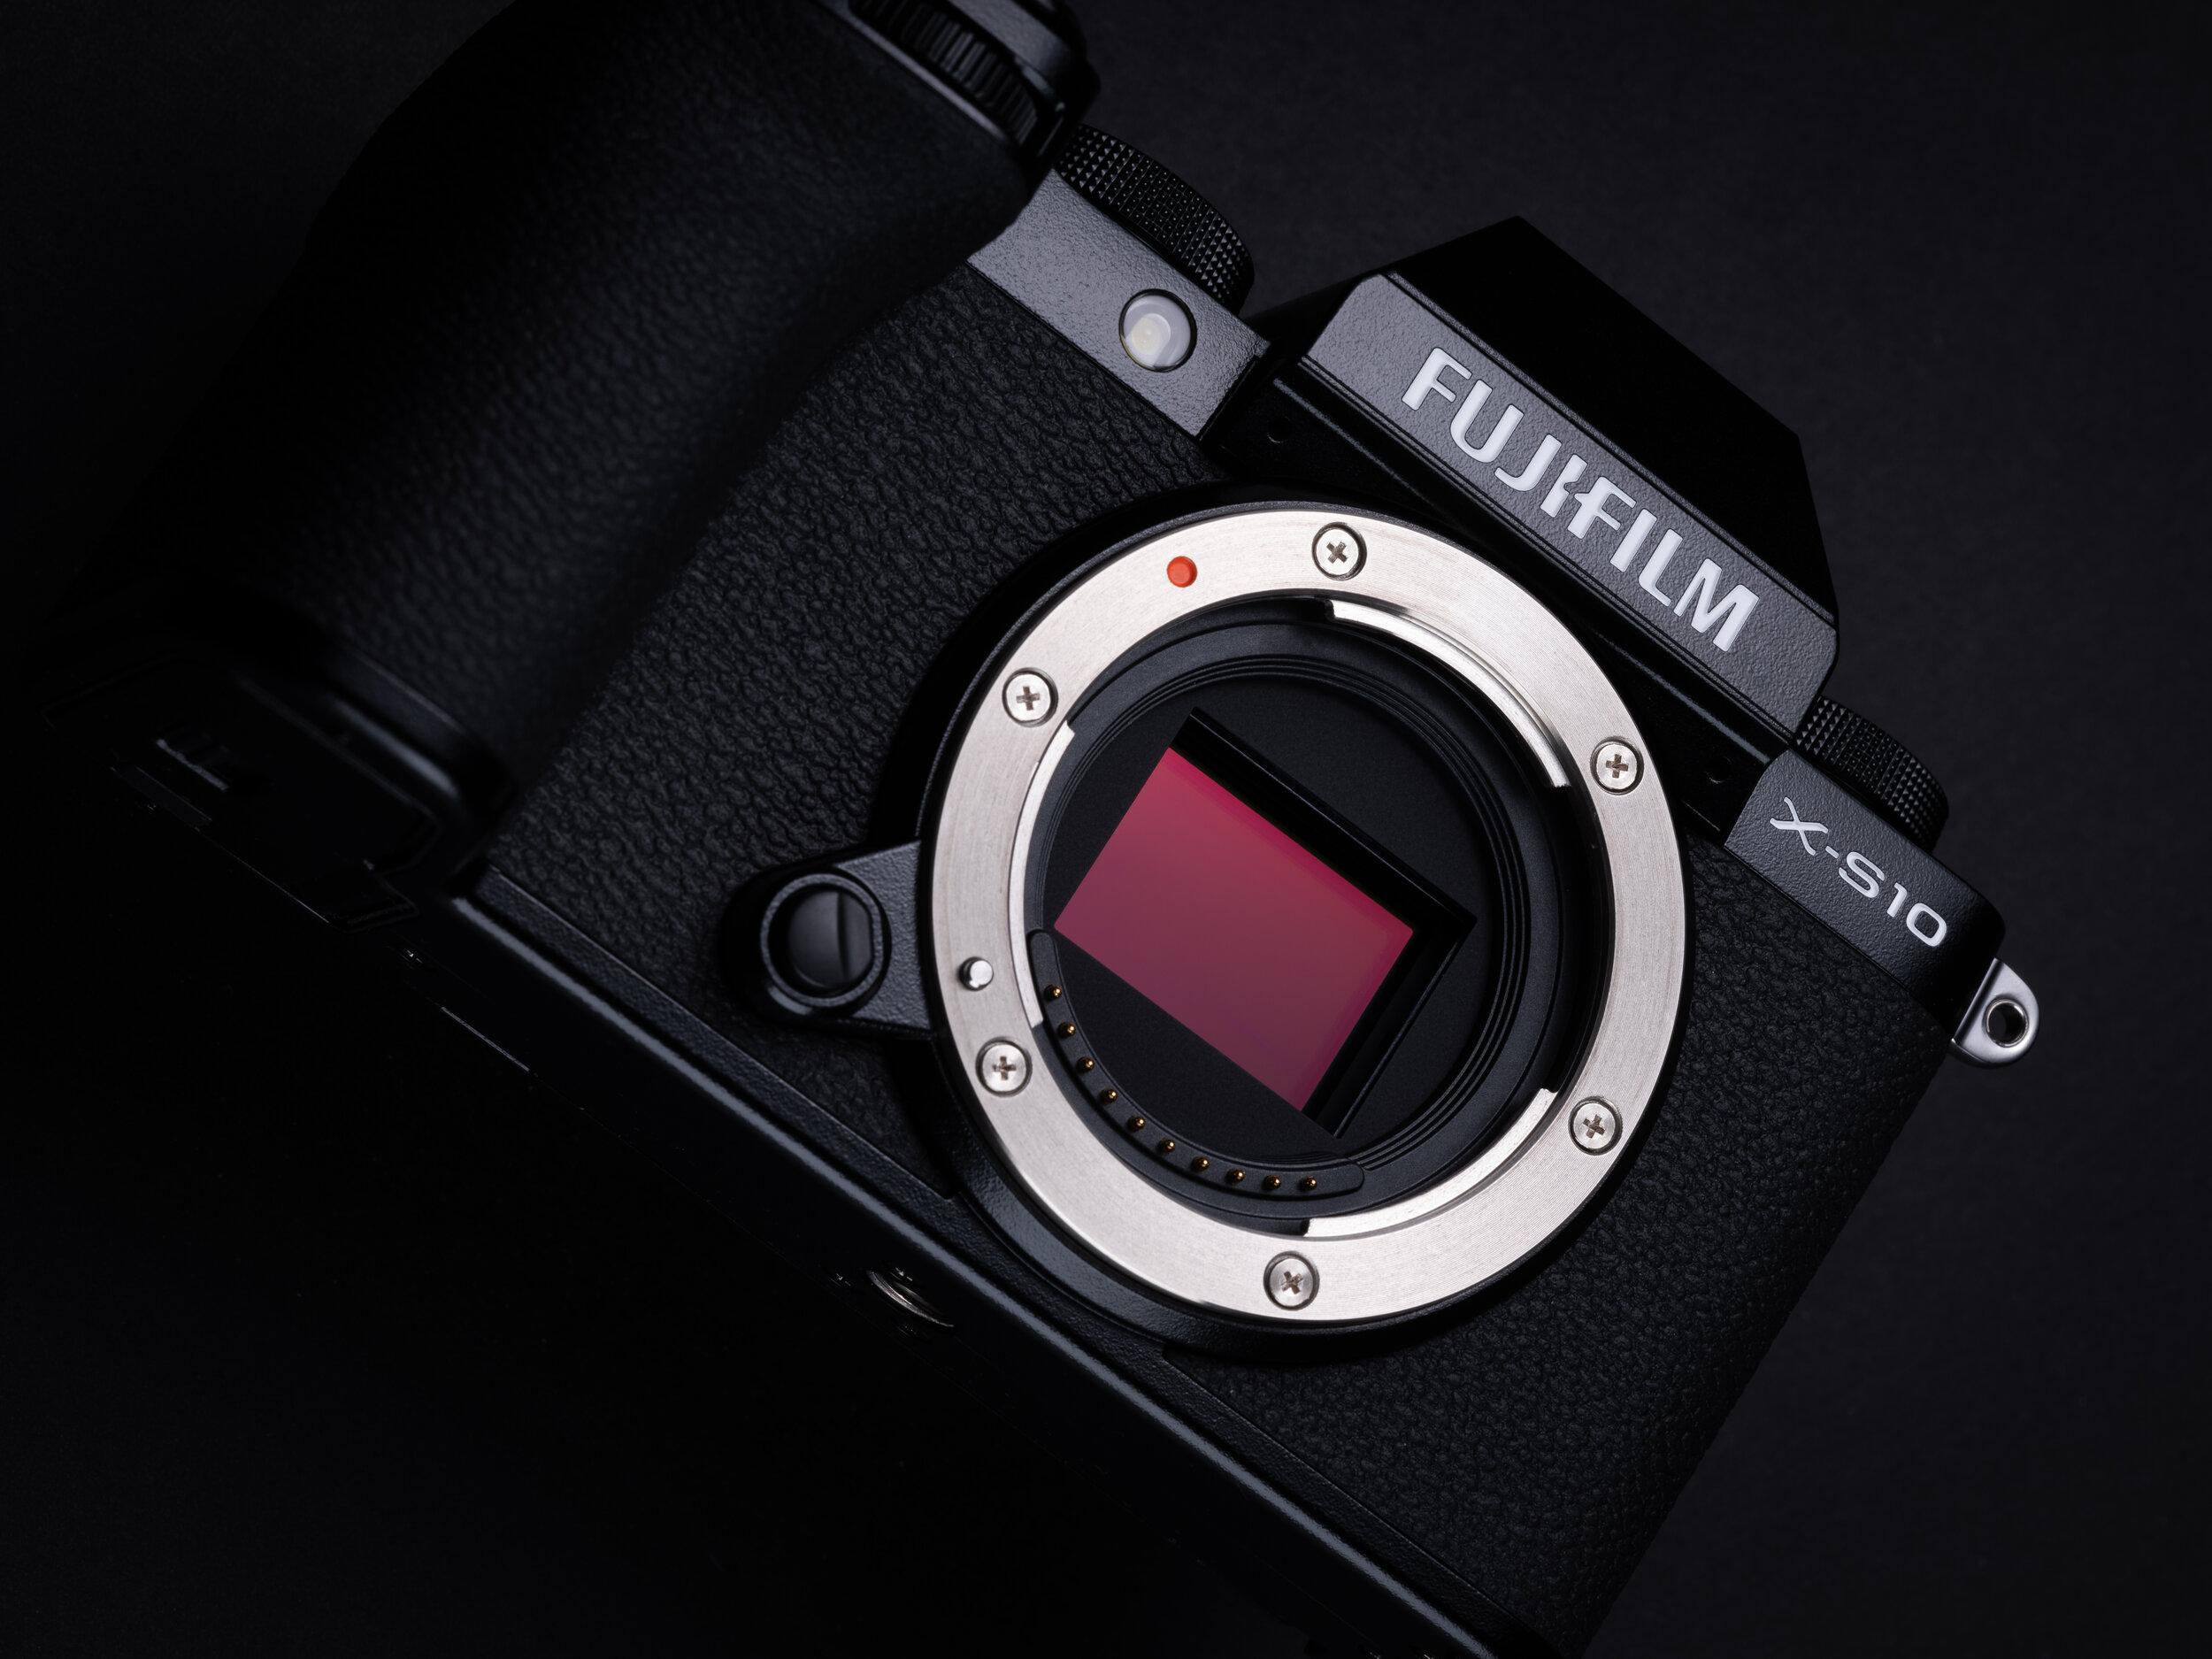 Höchstleistung Im Kompakten Format – Die Spiegellose Systemkamera Fujifilm X -S10 — Fotocult Magazin